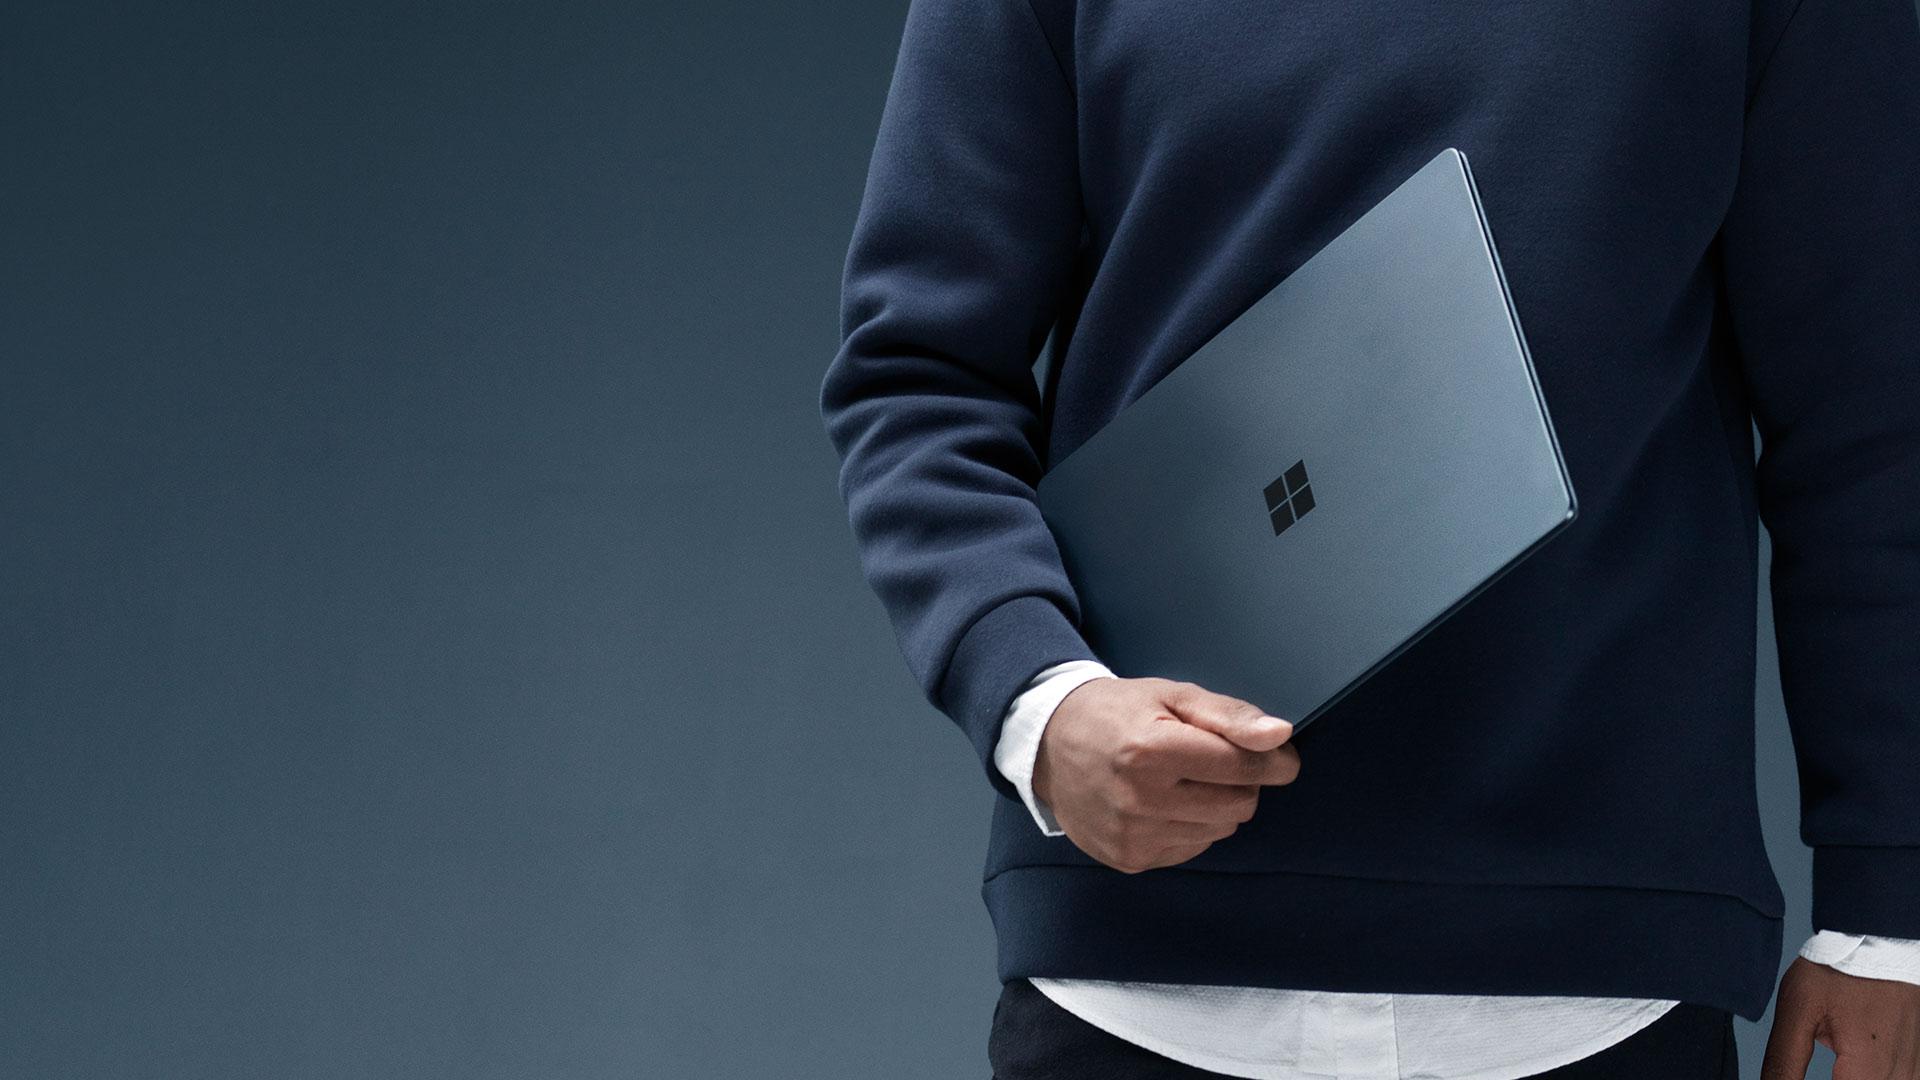 コバルト ブルーの Surface Laptop を持っている男性